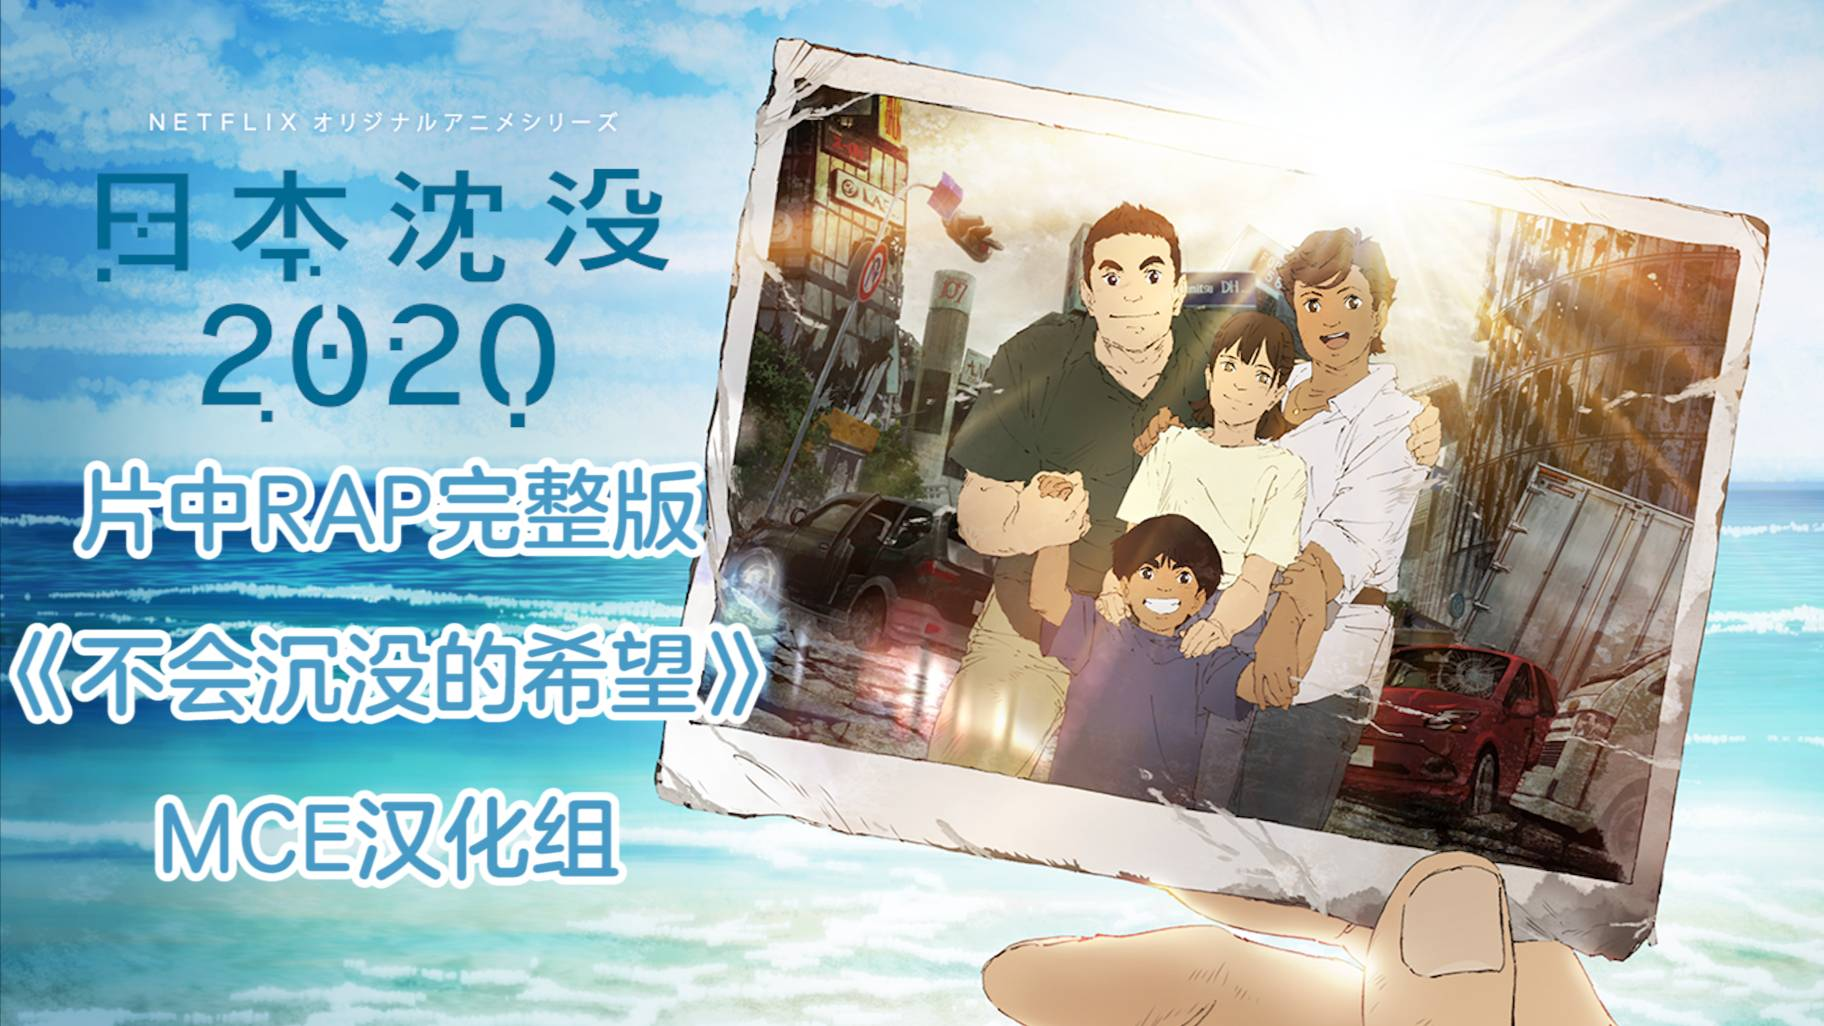 【7月/MV】日本沉没2020「不会沉没的希望」完整版MV【MCE汉化组】